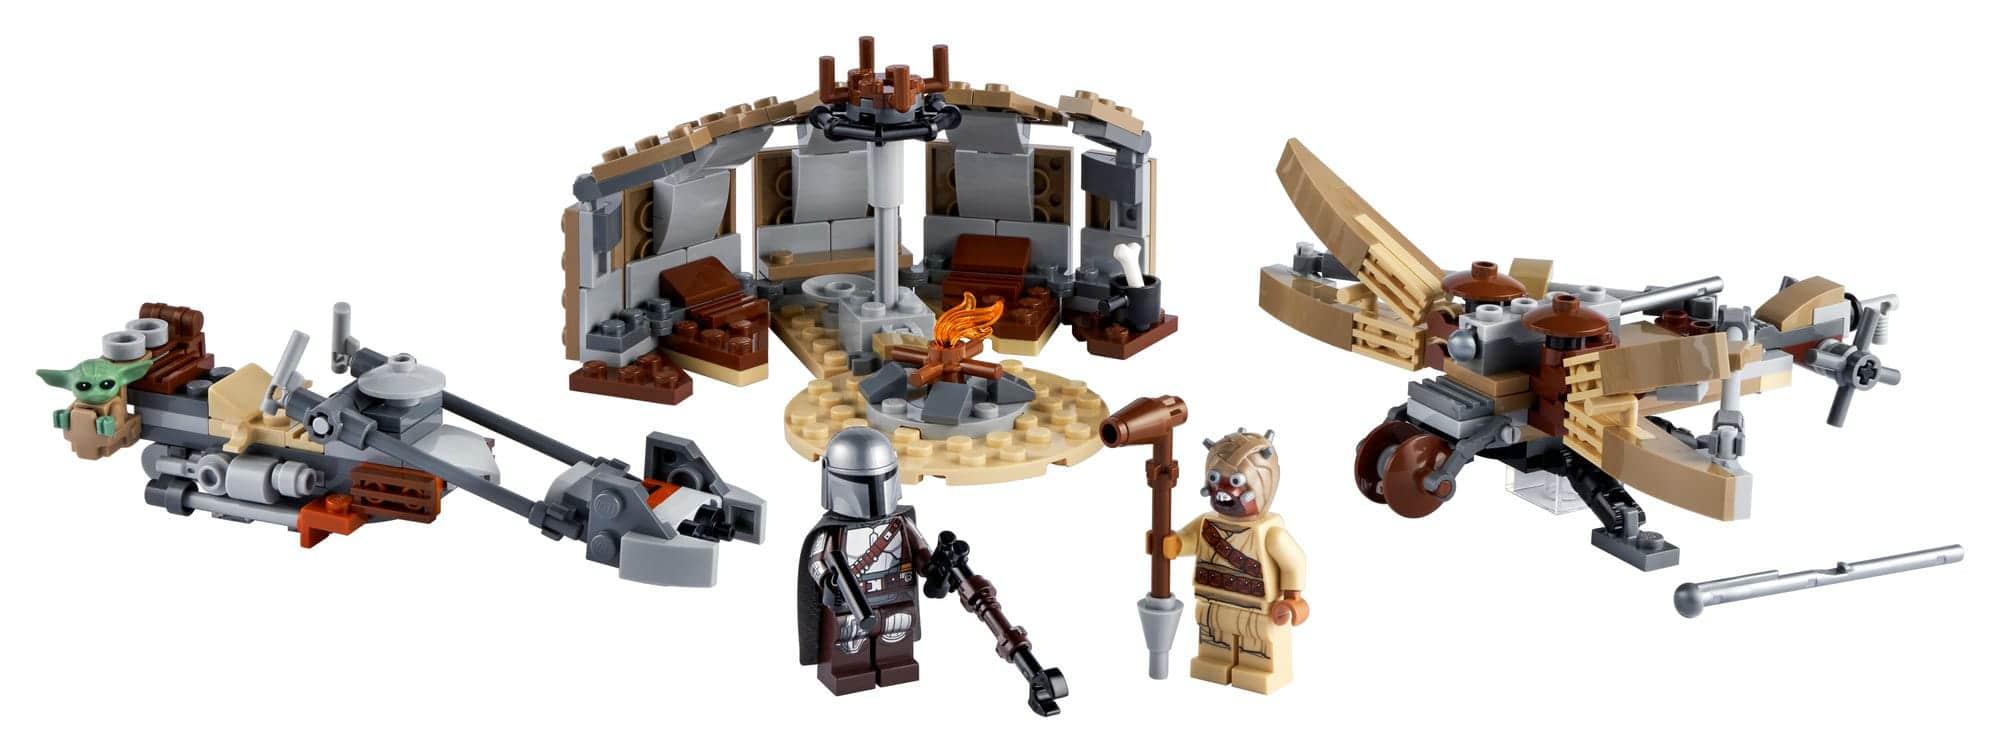 LEGO Star Wars 75299 Trouble On Tatooine 1